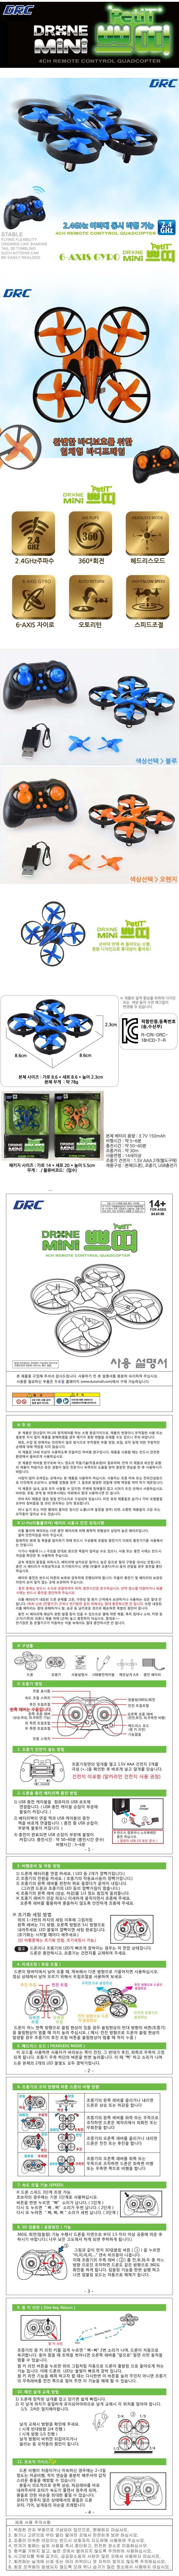 미니 쁘띠 드론 무선조정 - 두로카리스마, 45,000원, R/C 드론/쿼드콥터, 드론